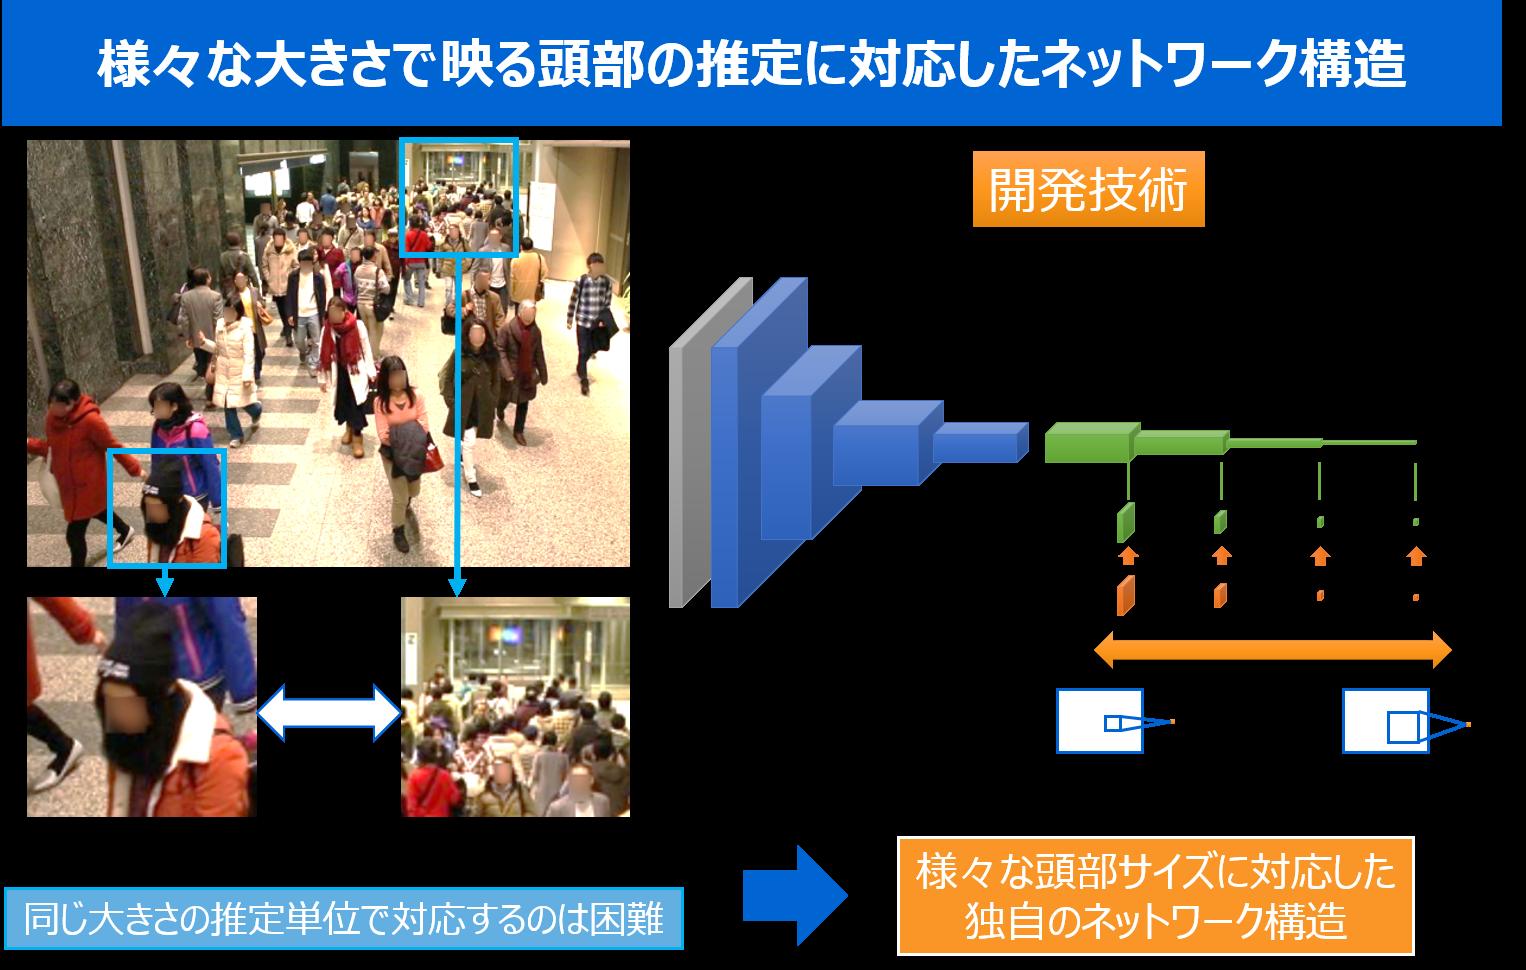 様々な大きさで映る頭部の推定に対応したネットワーク構造を説明した図